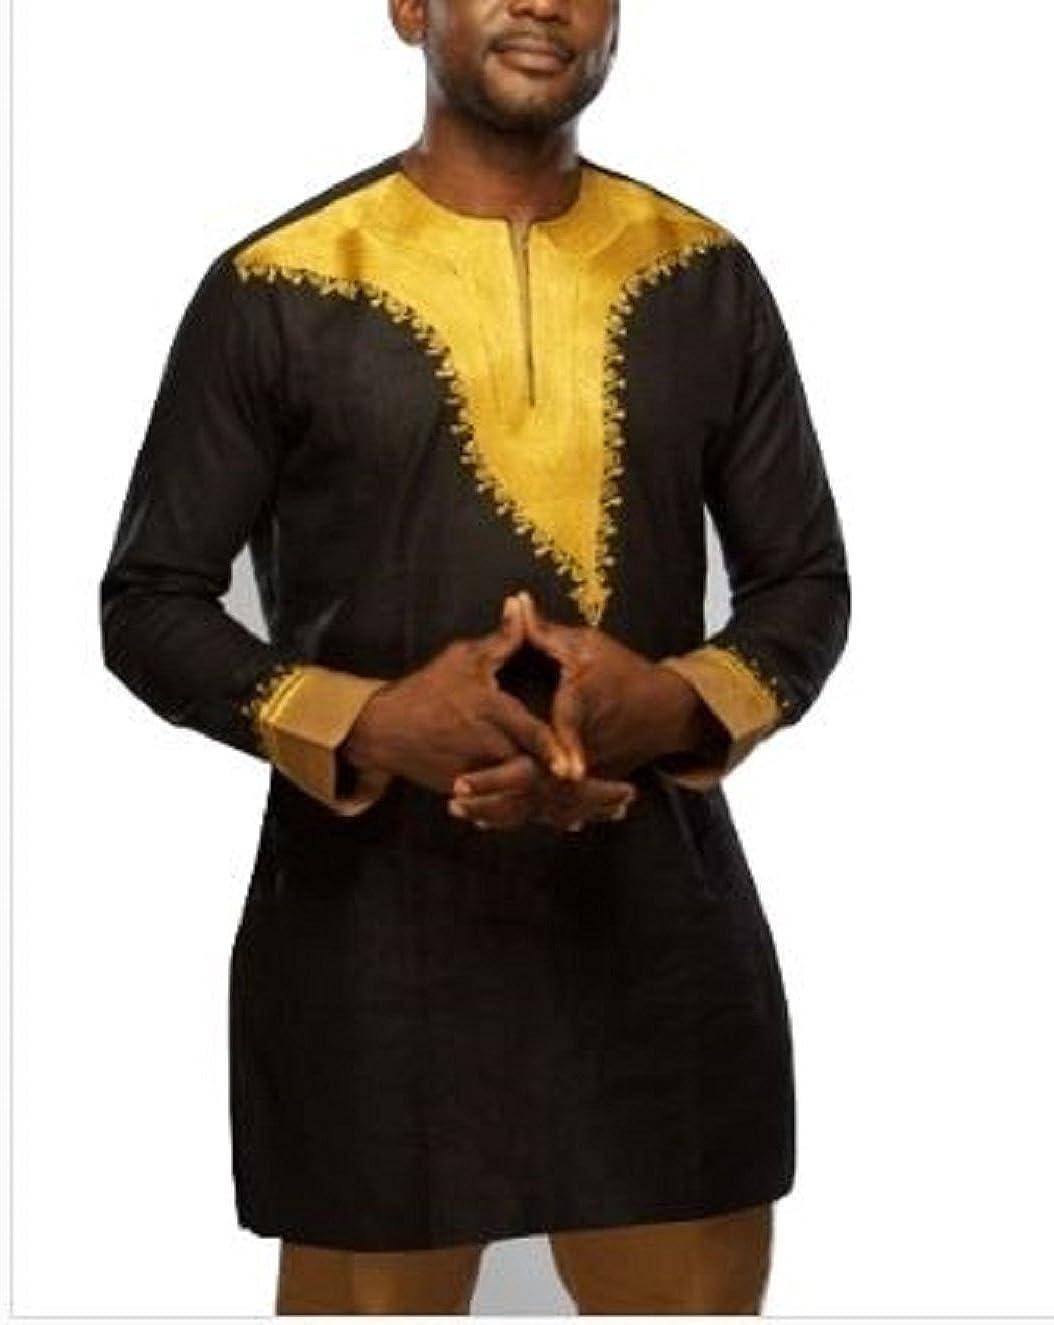 African men/'s clothing,African men/'s wear,African men/'s attire African men/'s suit,black suit,Dashiki for men,